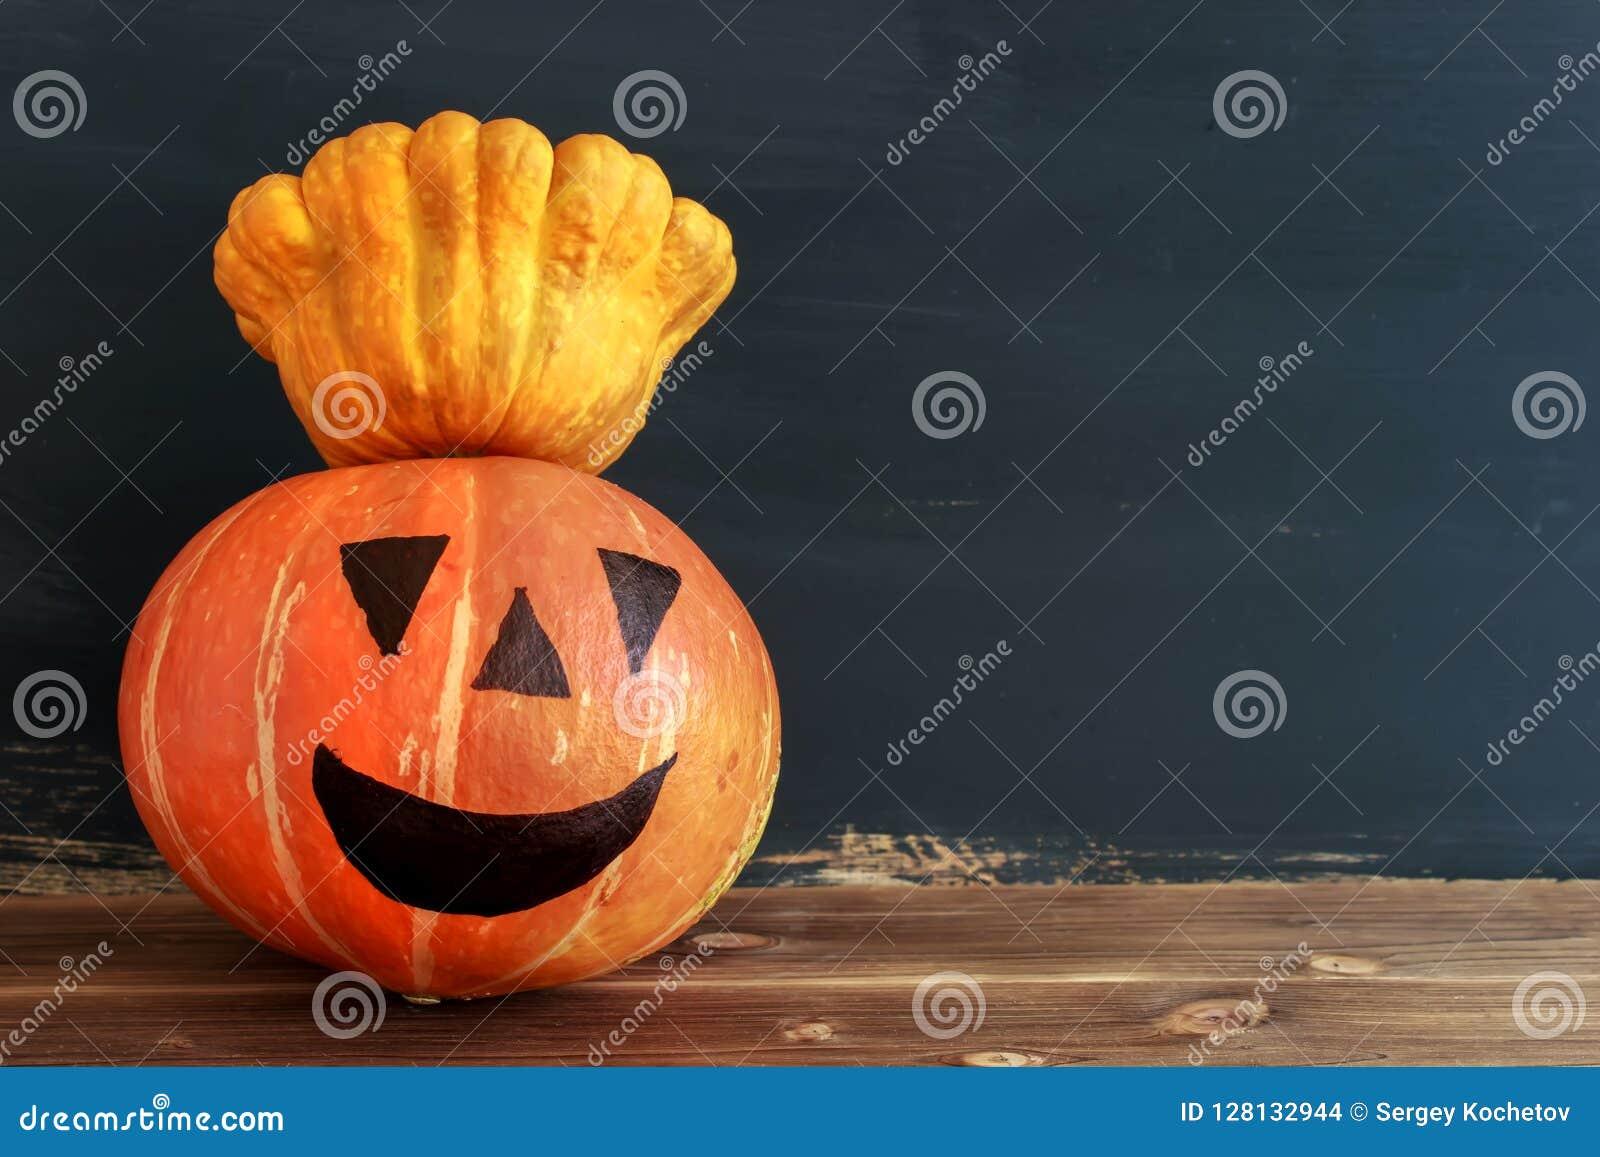 Kürbiskerze Halloween Auf einem dunklen Hintergrund